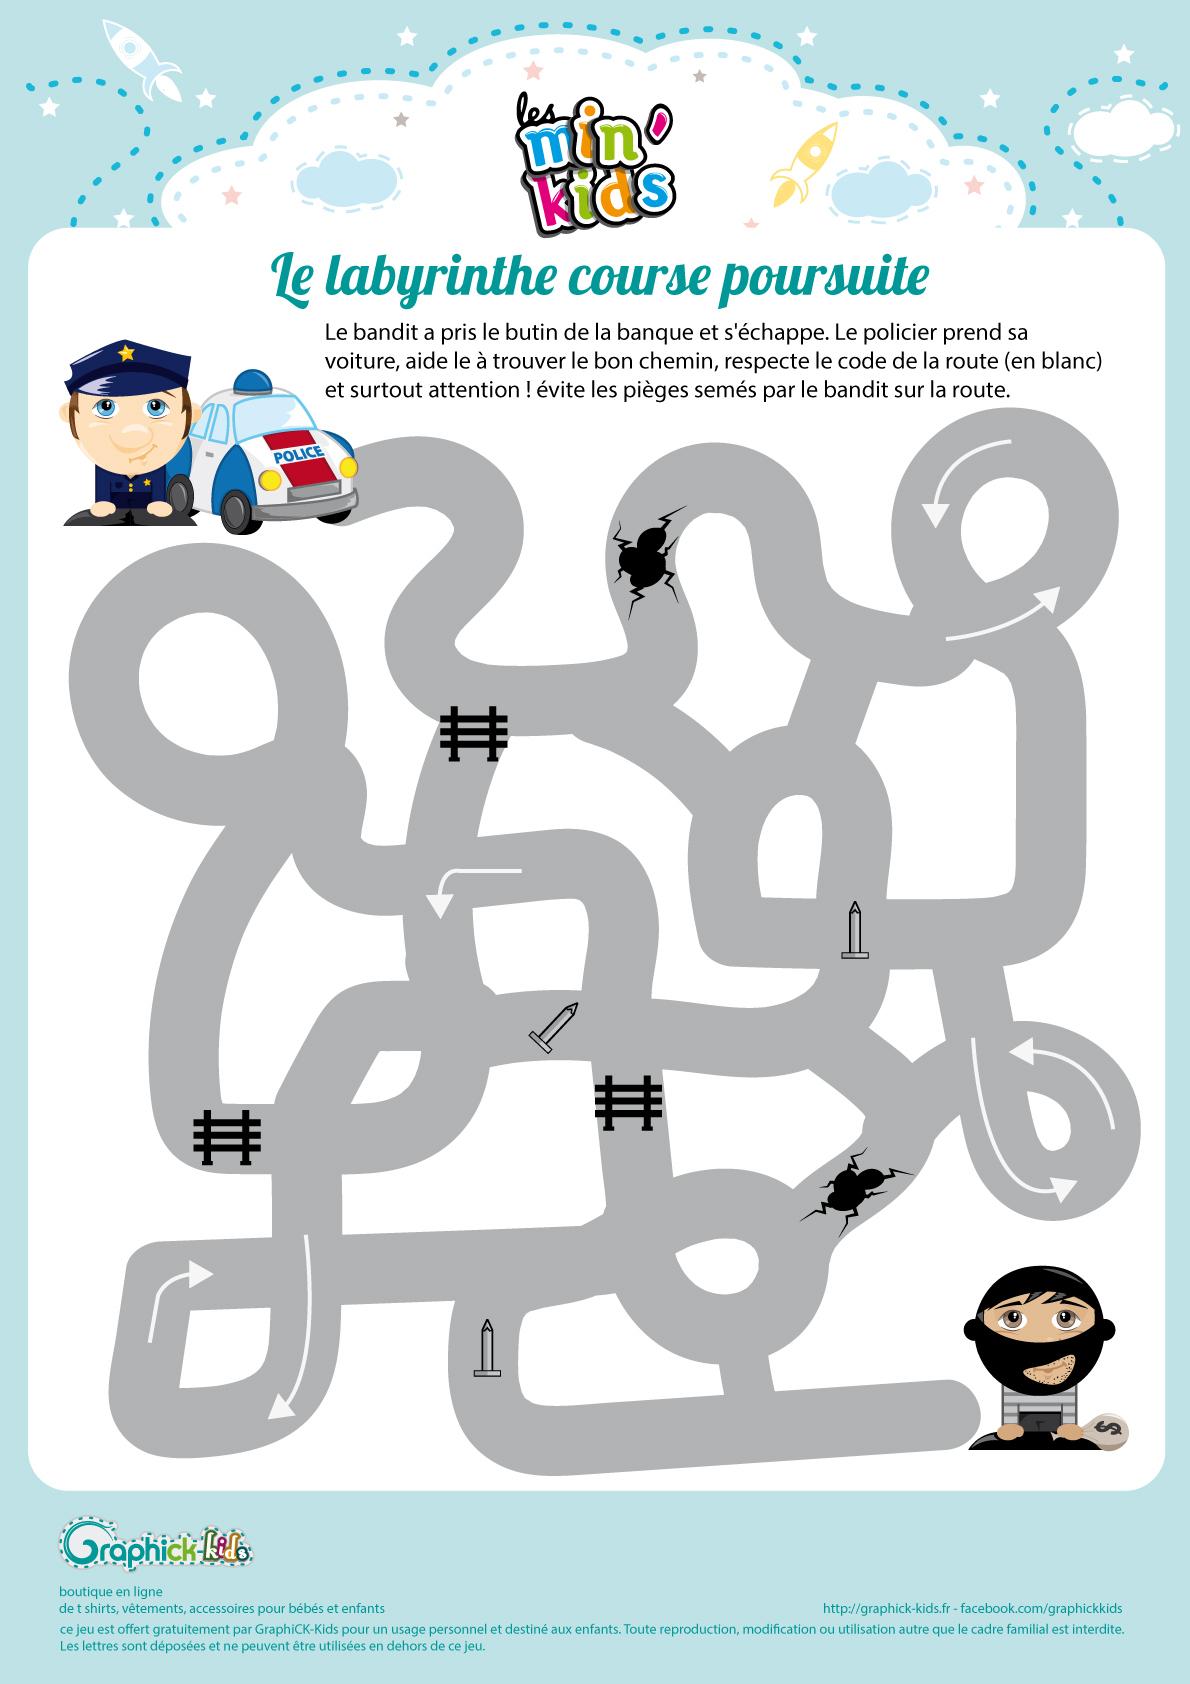 L'activité Du Mercredi : Le Labyrinthe Course Poursuite dedans Jeux De Labyrinthe Gratuit